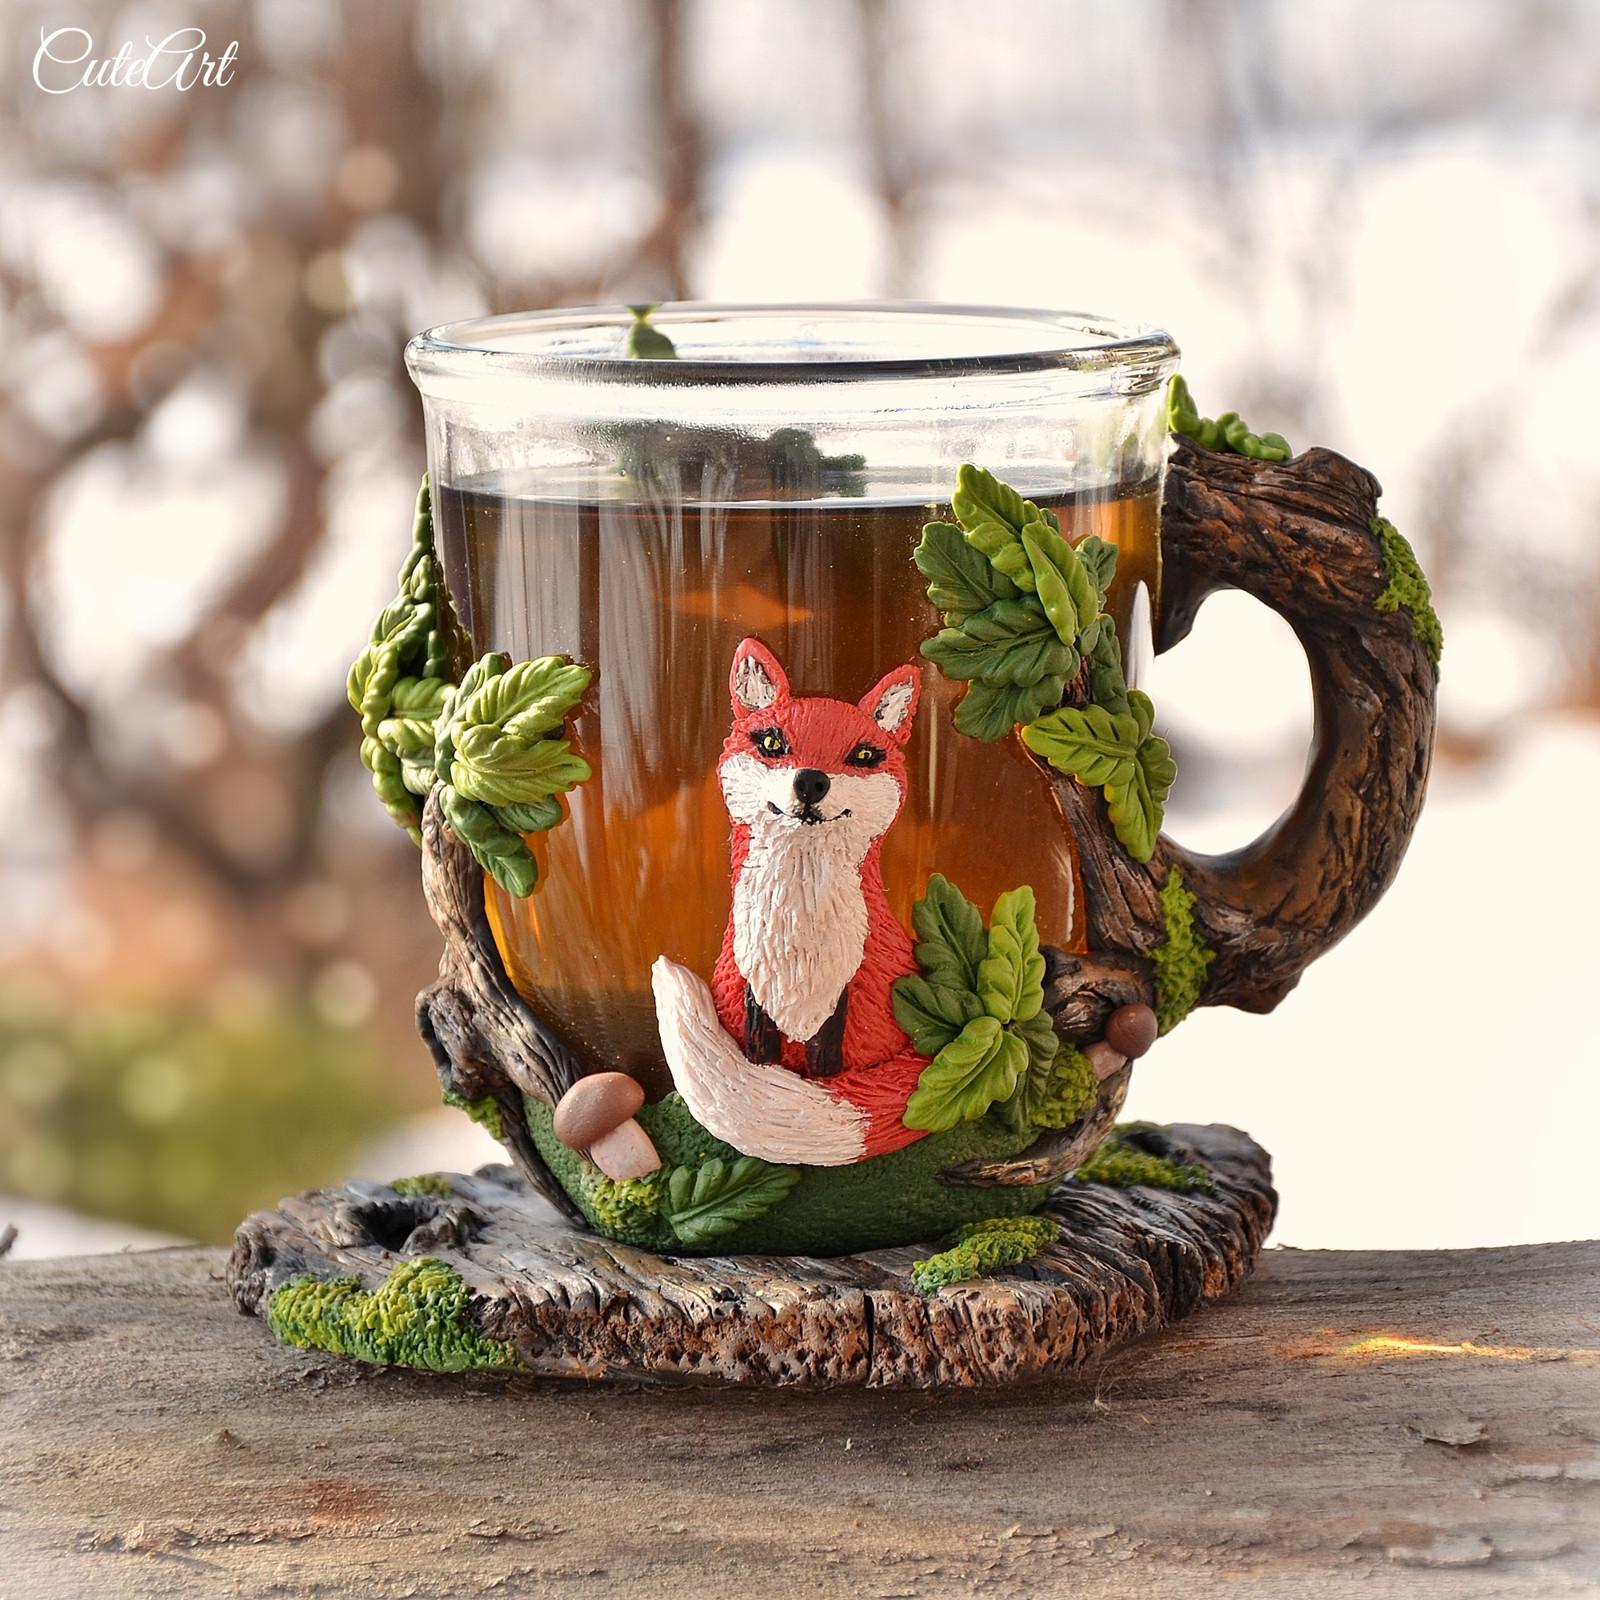 Čaj u lesa - hrníček na čaj s liškou   Zboží prodejce CuteArt  ef76963a11b